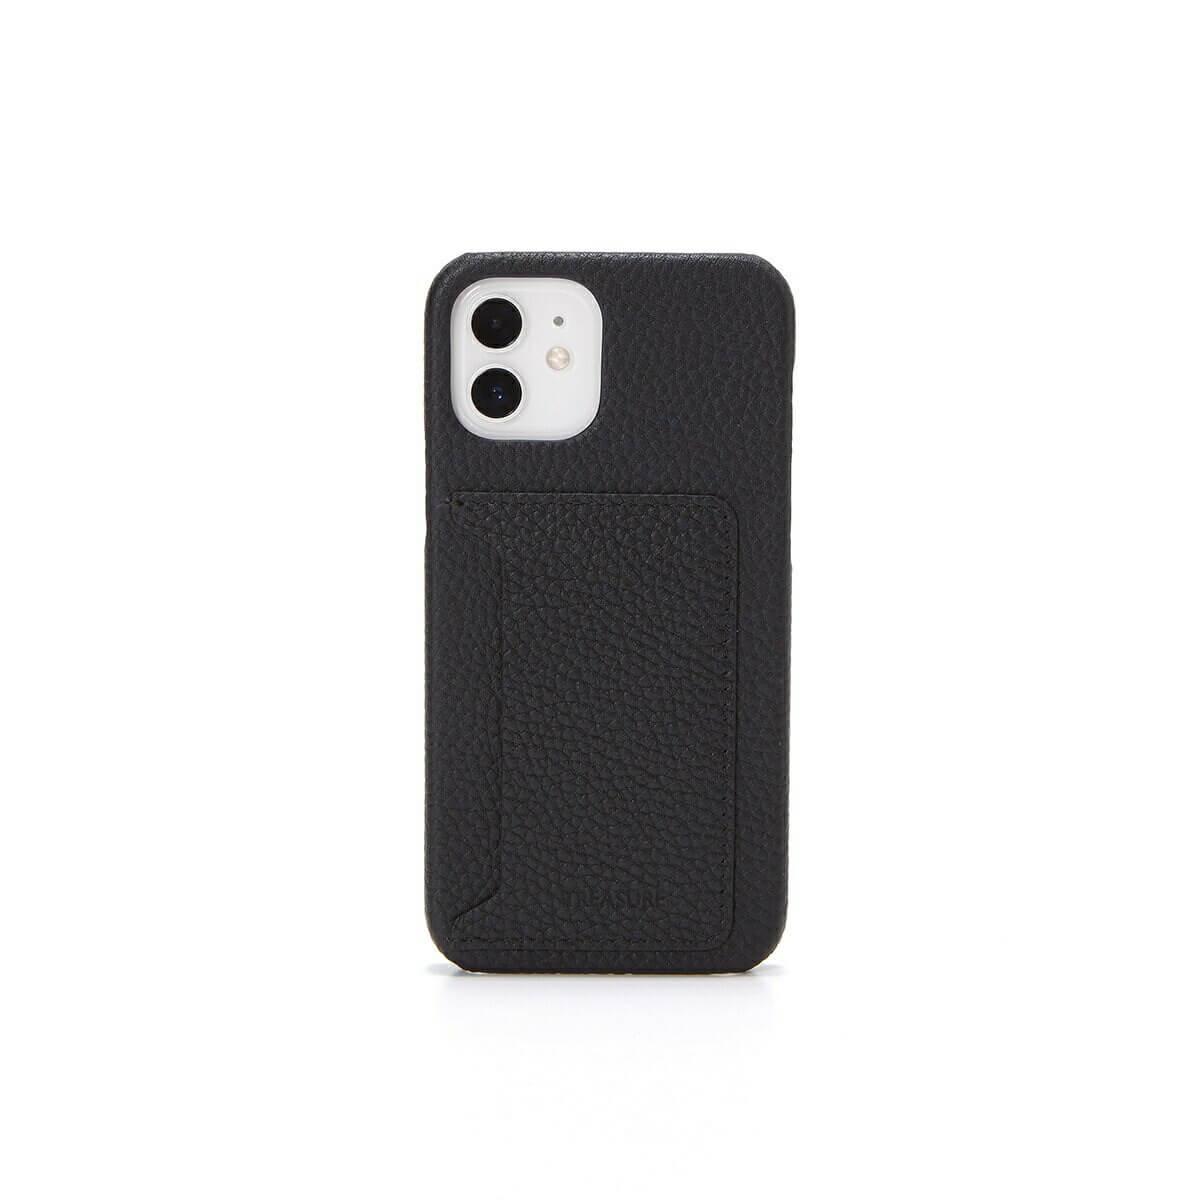 30日間返品保証 3 保障 980円以上購入で送料無料 公式 トプカピ トレジャー iPhoneケース ポケット付き ソフトシュリンク TOPKAPI TREASURE 永遠の定番